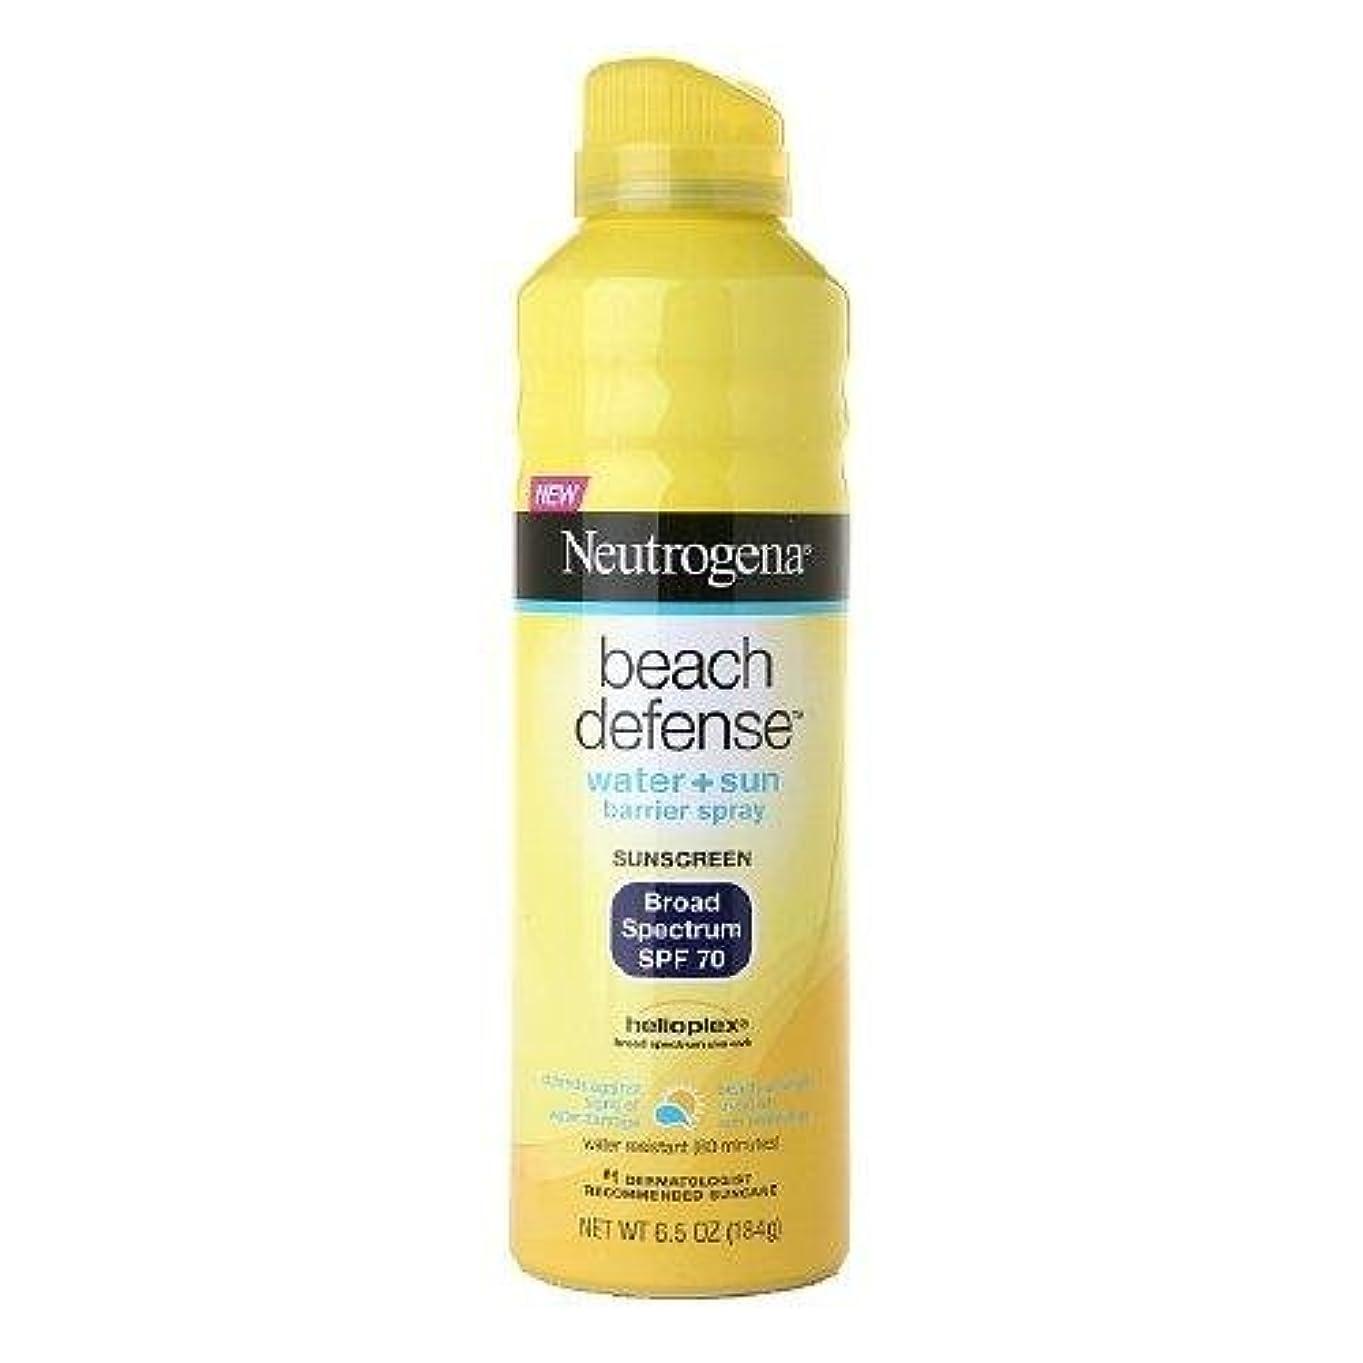 ライド蚊ヒット【海外直送品】 ニュートロジーナ 皮膚科推薦 日焼け止めスプレー SPF70 184g  Neutrogena Beach Defense Broad Spectrum Sunscreen Spray, SPF 70,...